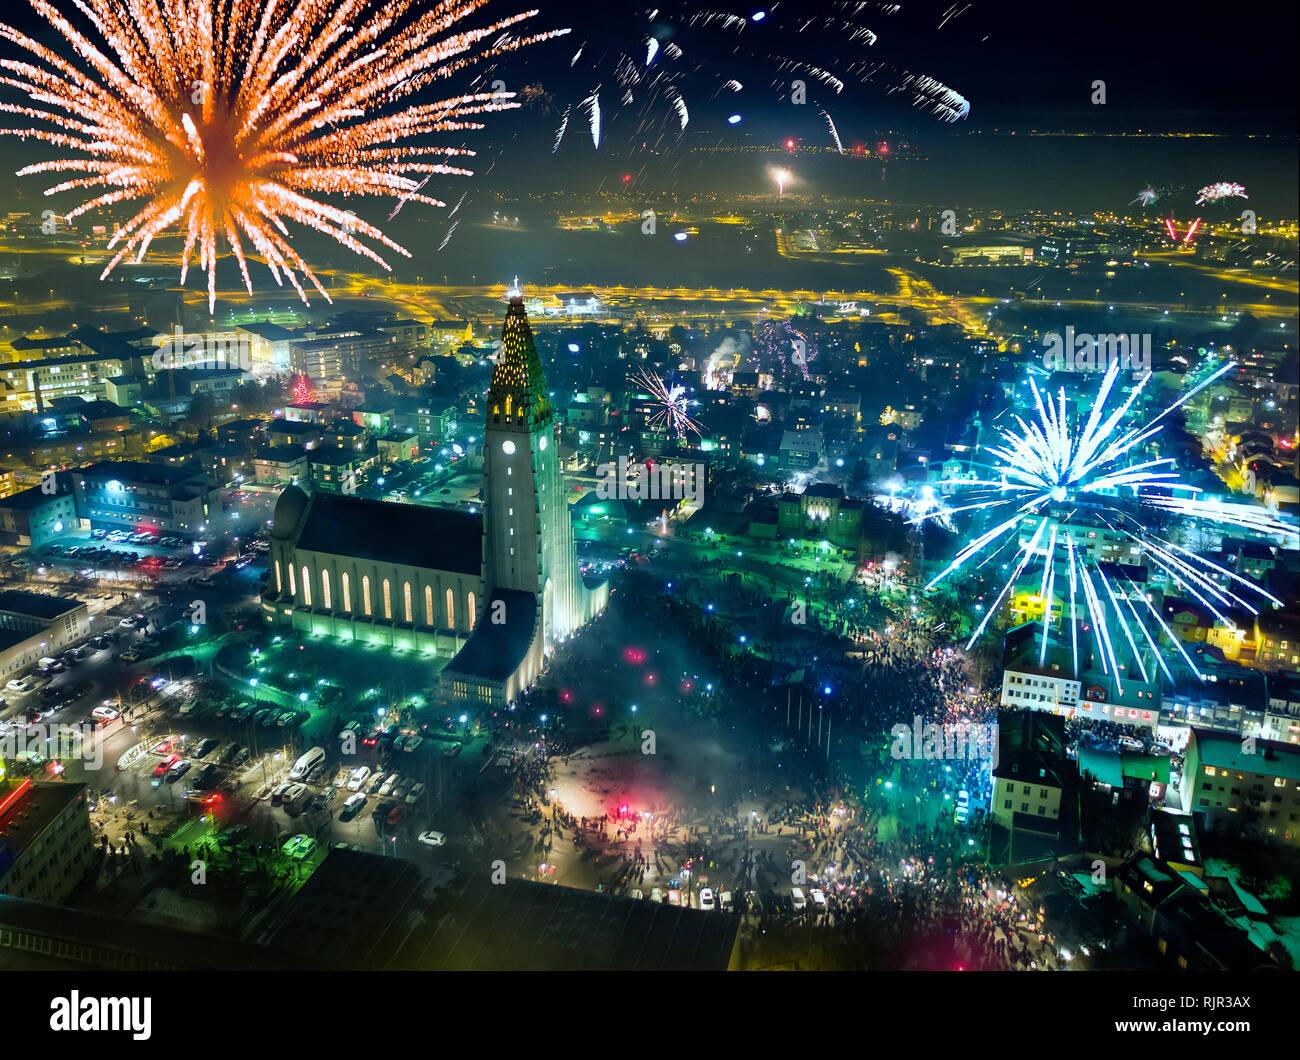 New Year's Eve Celebrations, Reykjavik, Iceland - Stock Image